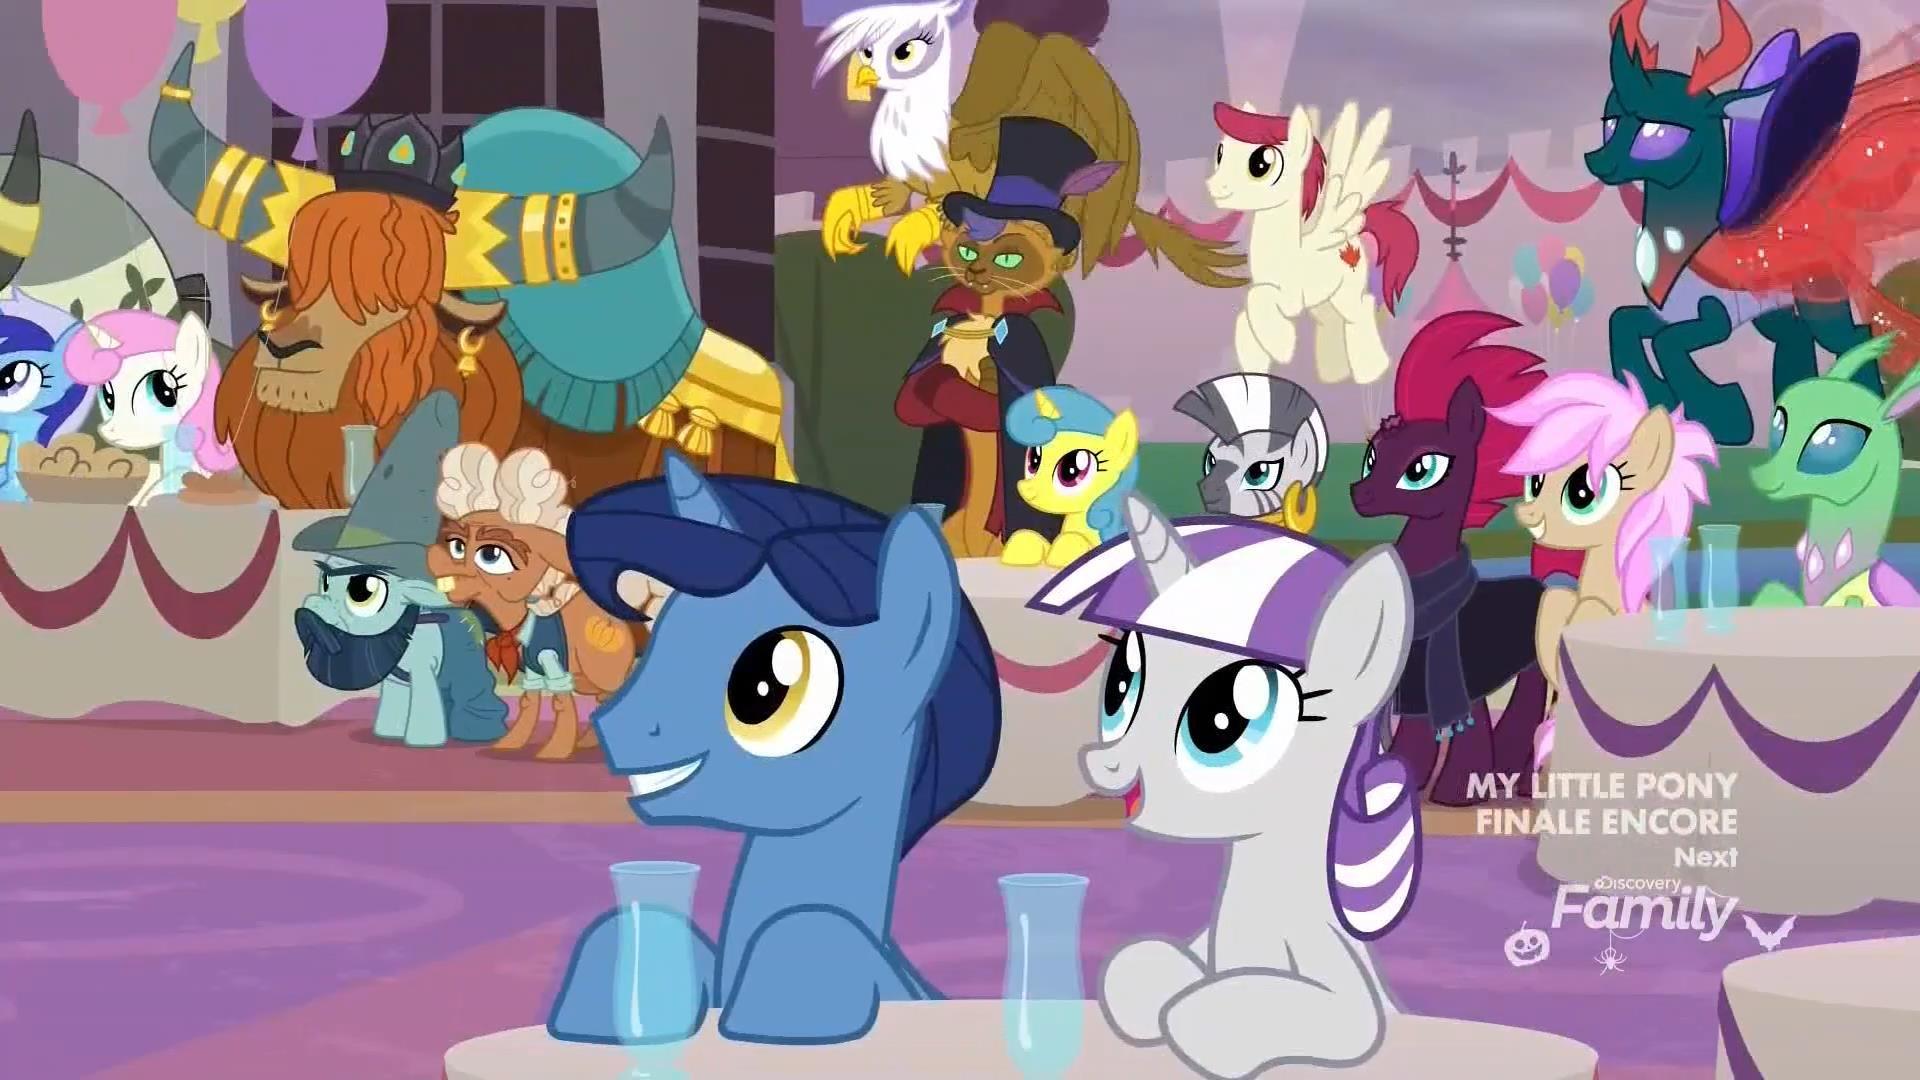 my little pony last episode